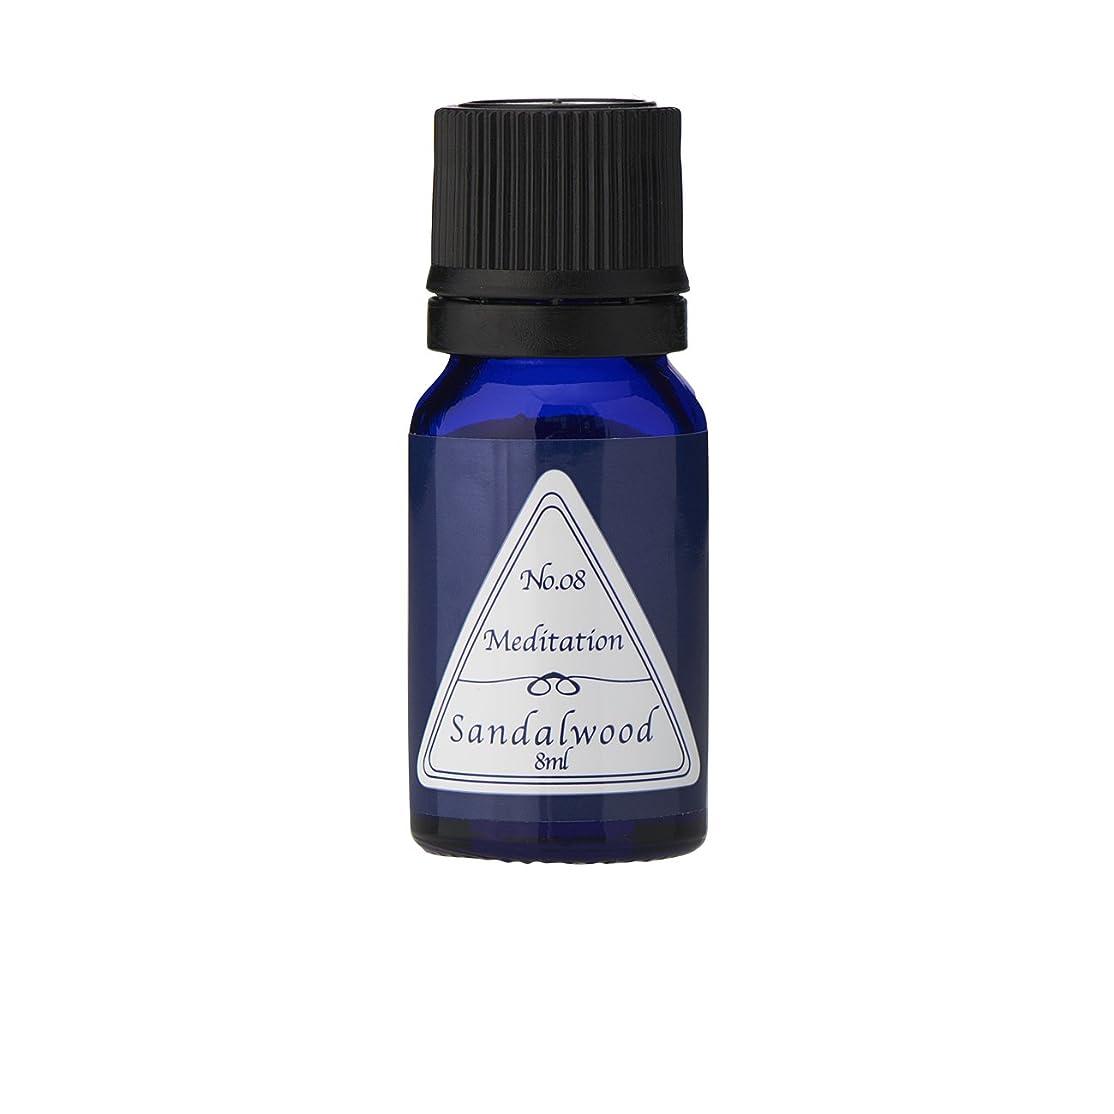 チーターポータル僕のブルーラベル アロマエッセンス8ml サンダルウッド(アロマオイル 調合香料 芳香用)